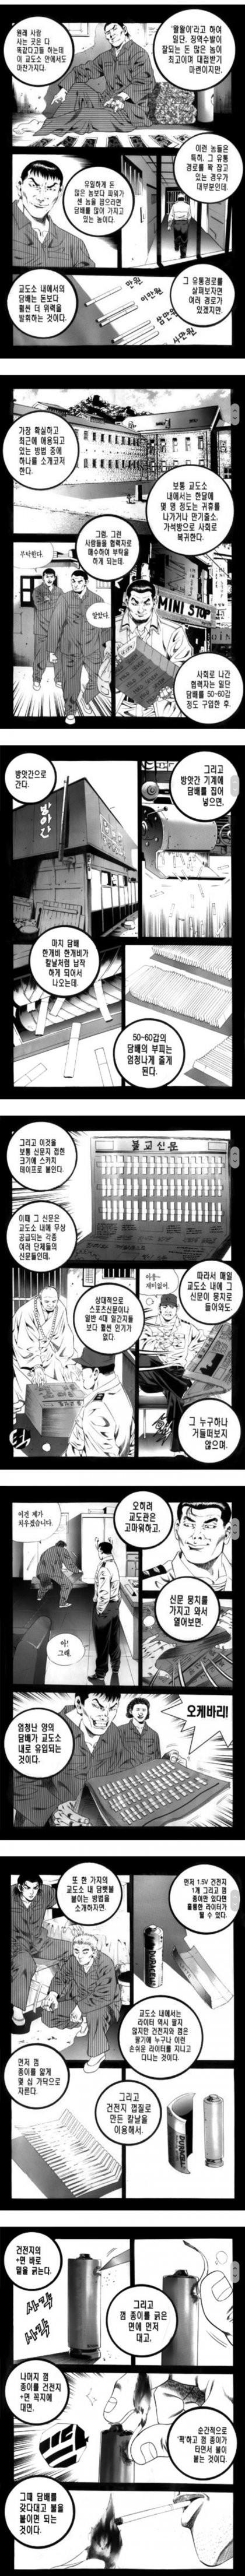 김성모...교도소...담배...반입법...jpg